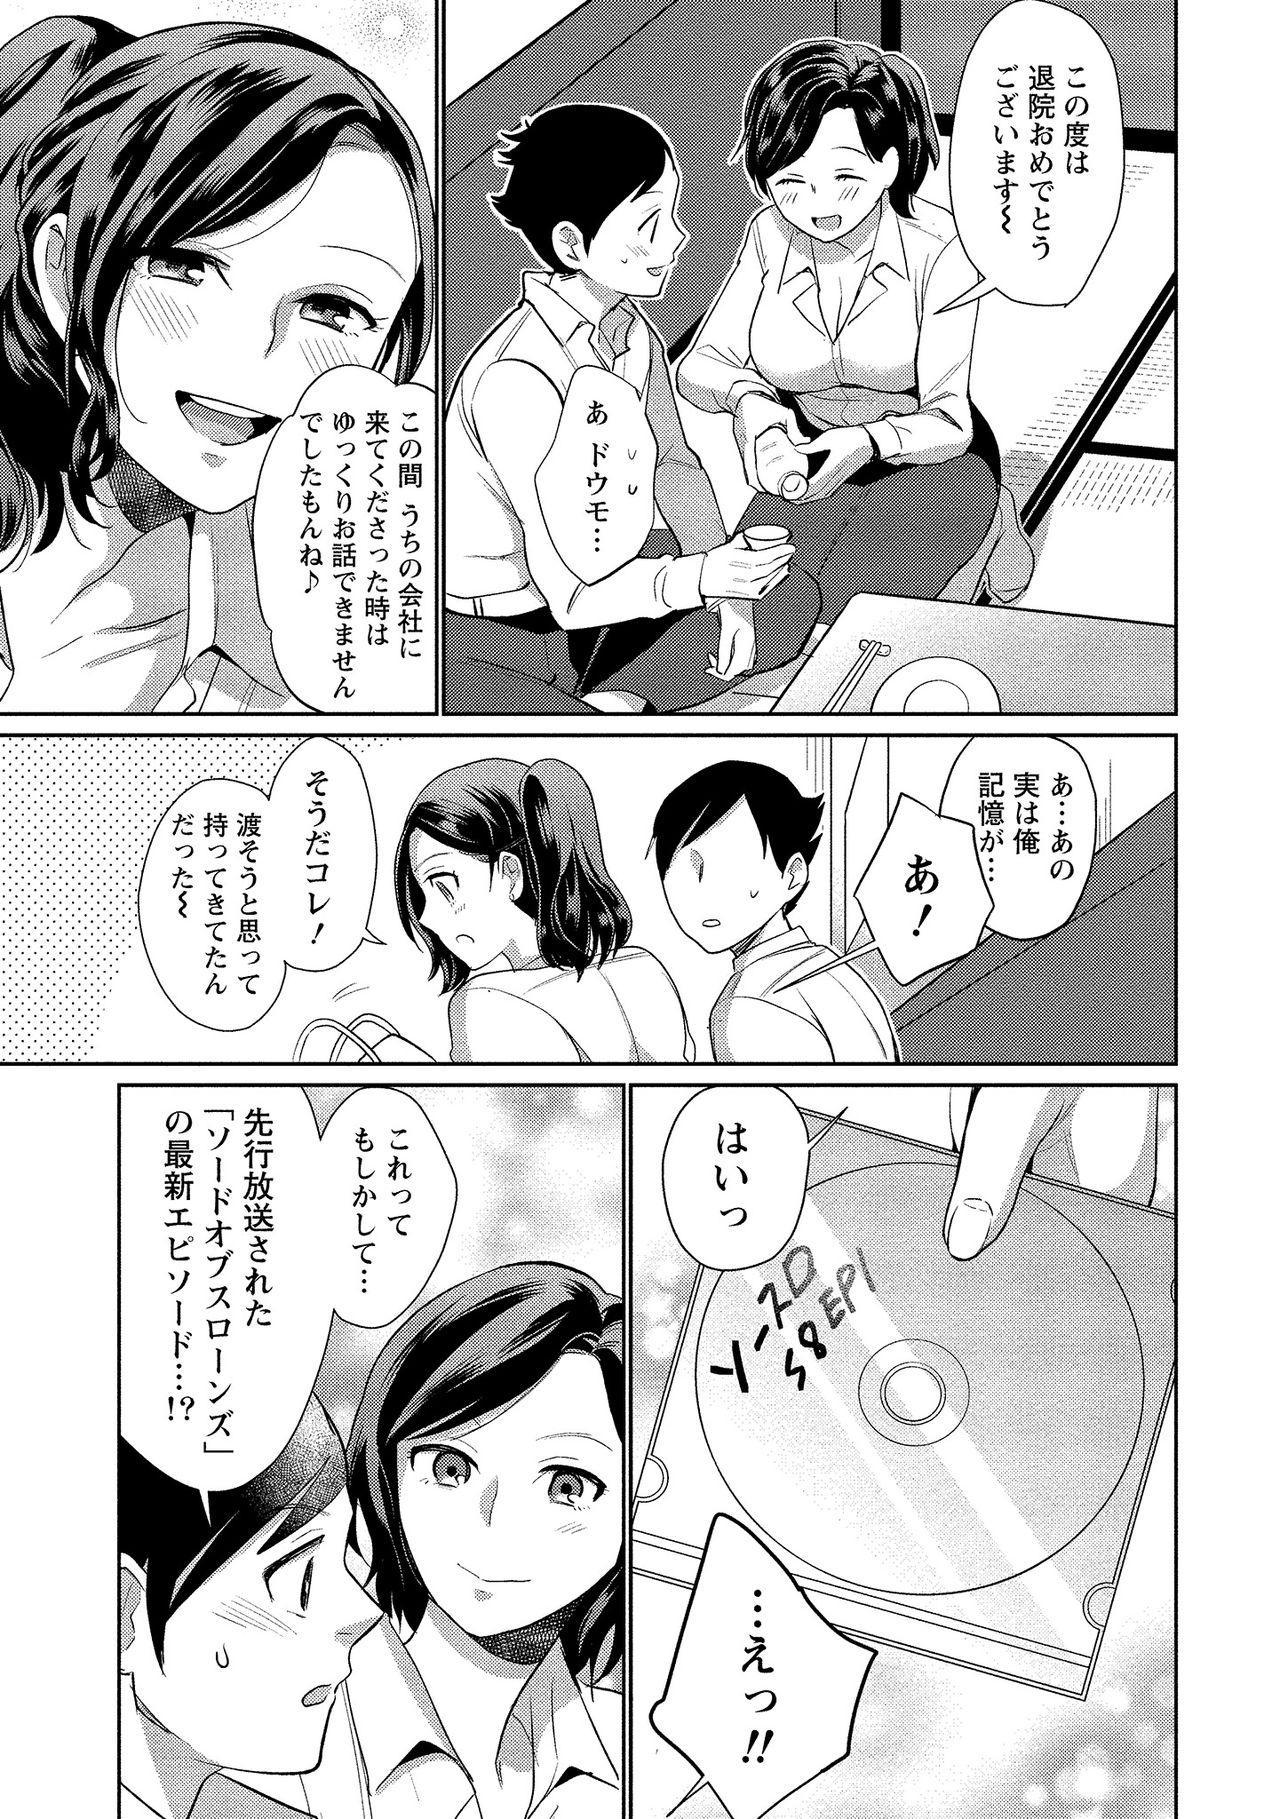 Dorobou Neko wa Kanojo no Hajimari 71